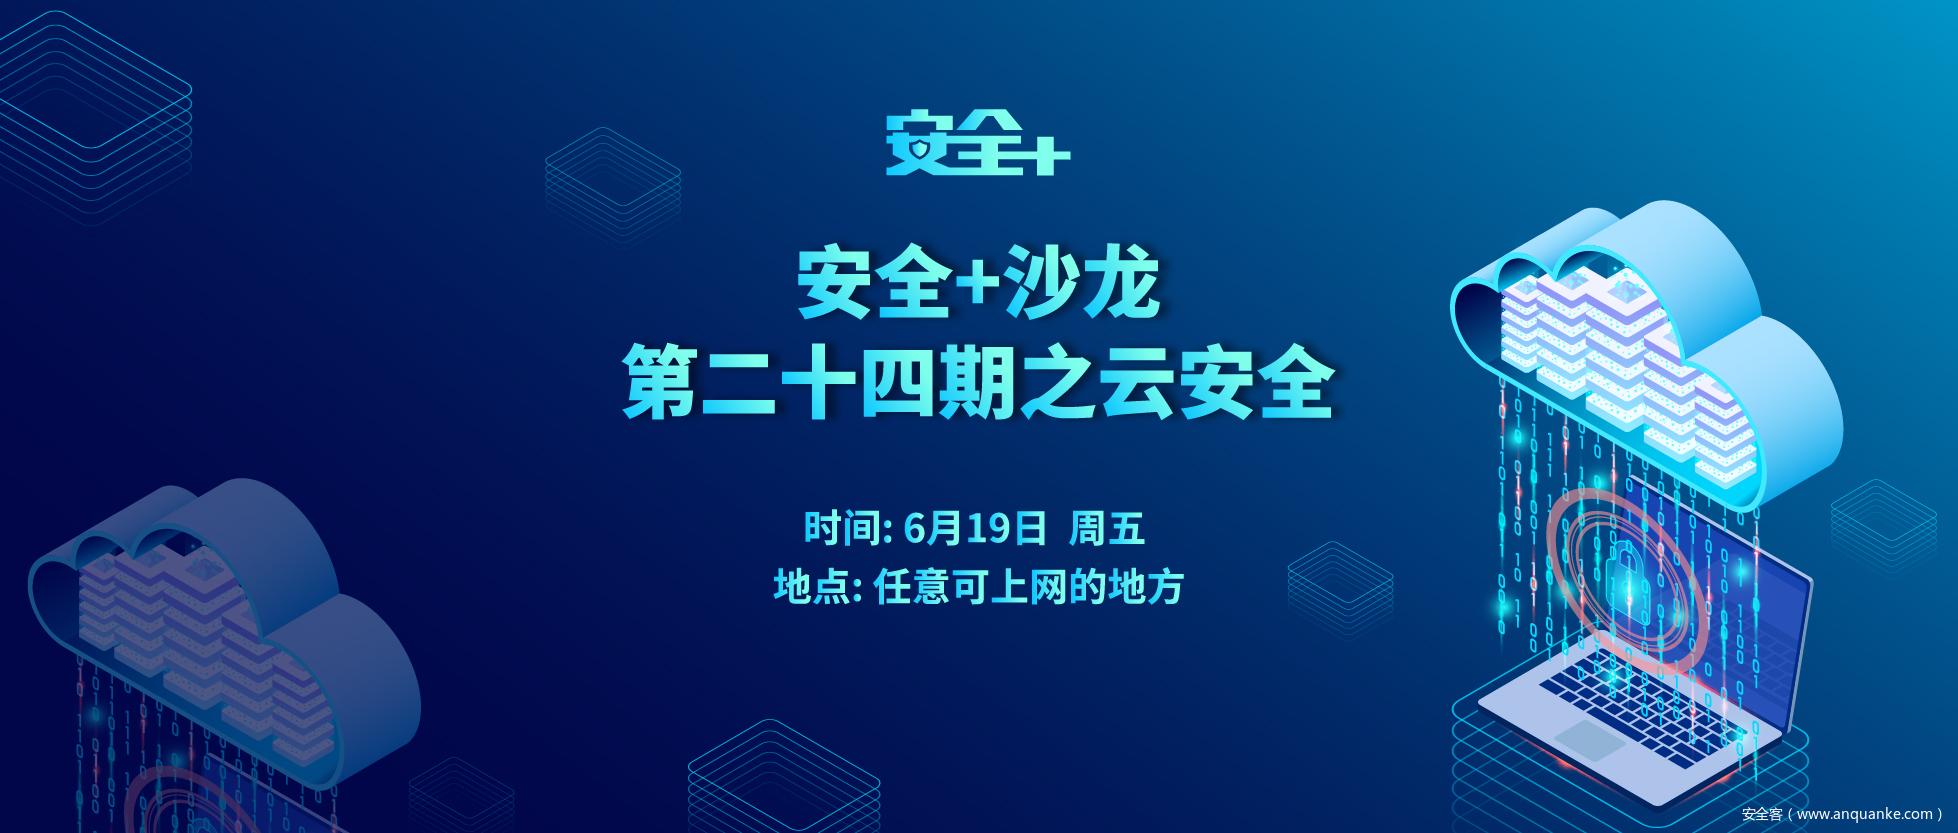 活动 | 安全+ 沙龙第二十四期之云安全开启报名!(线上)